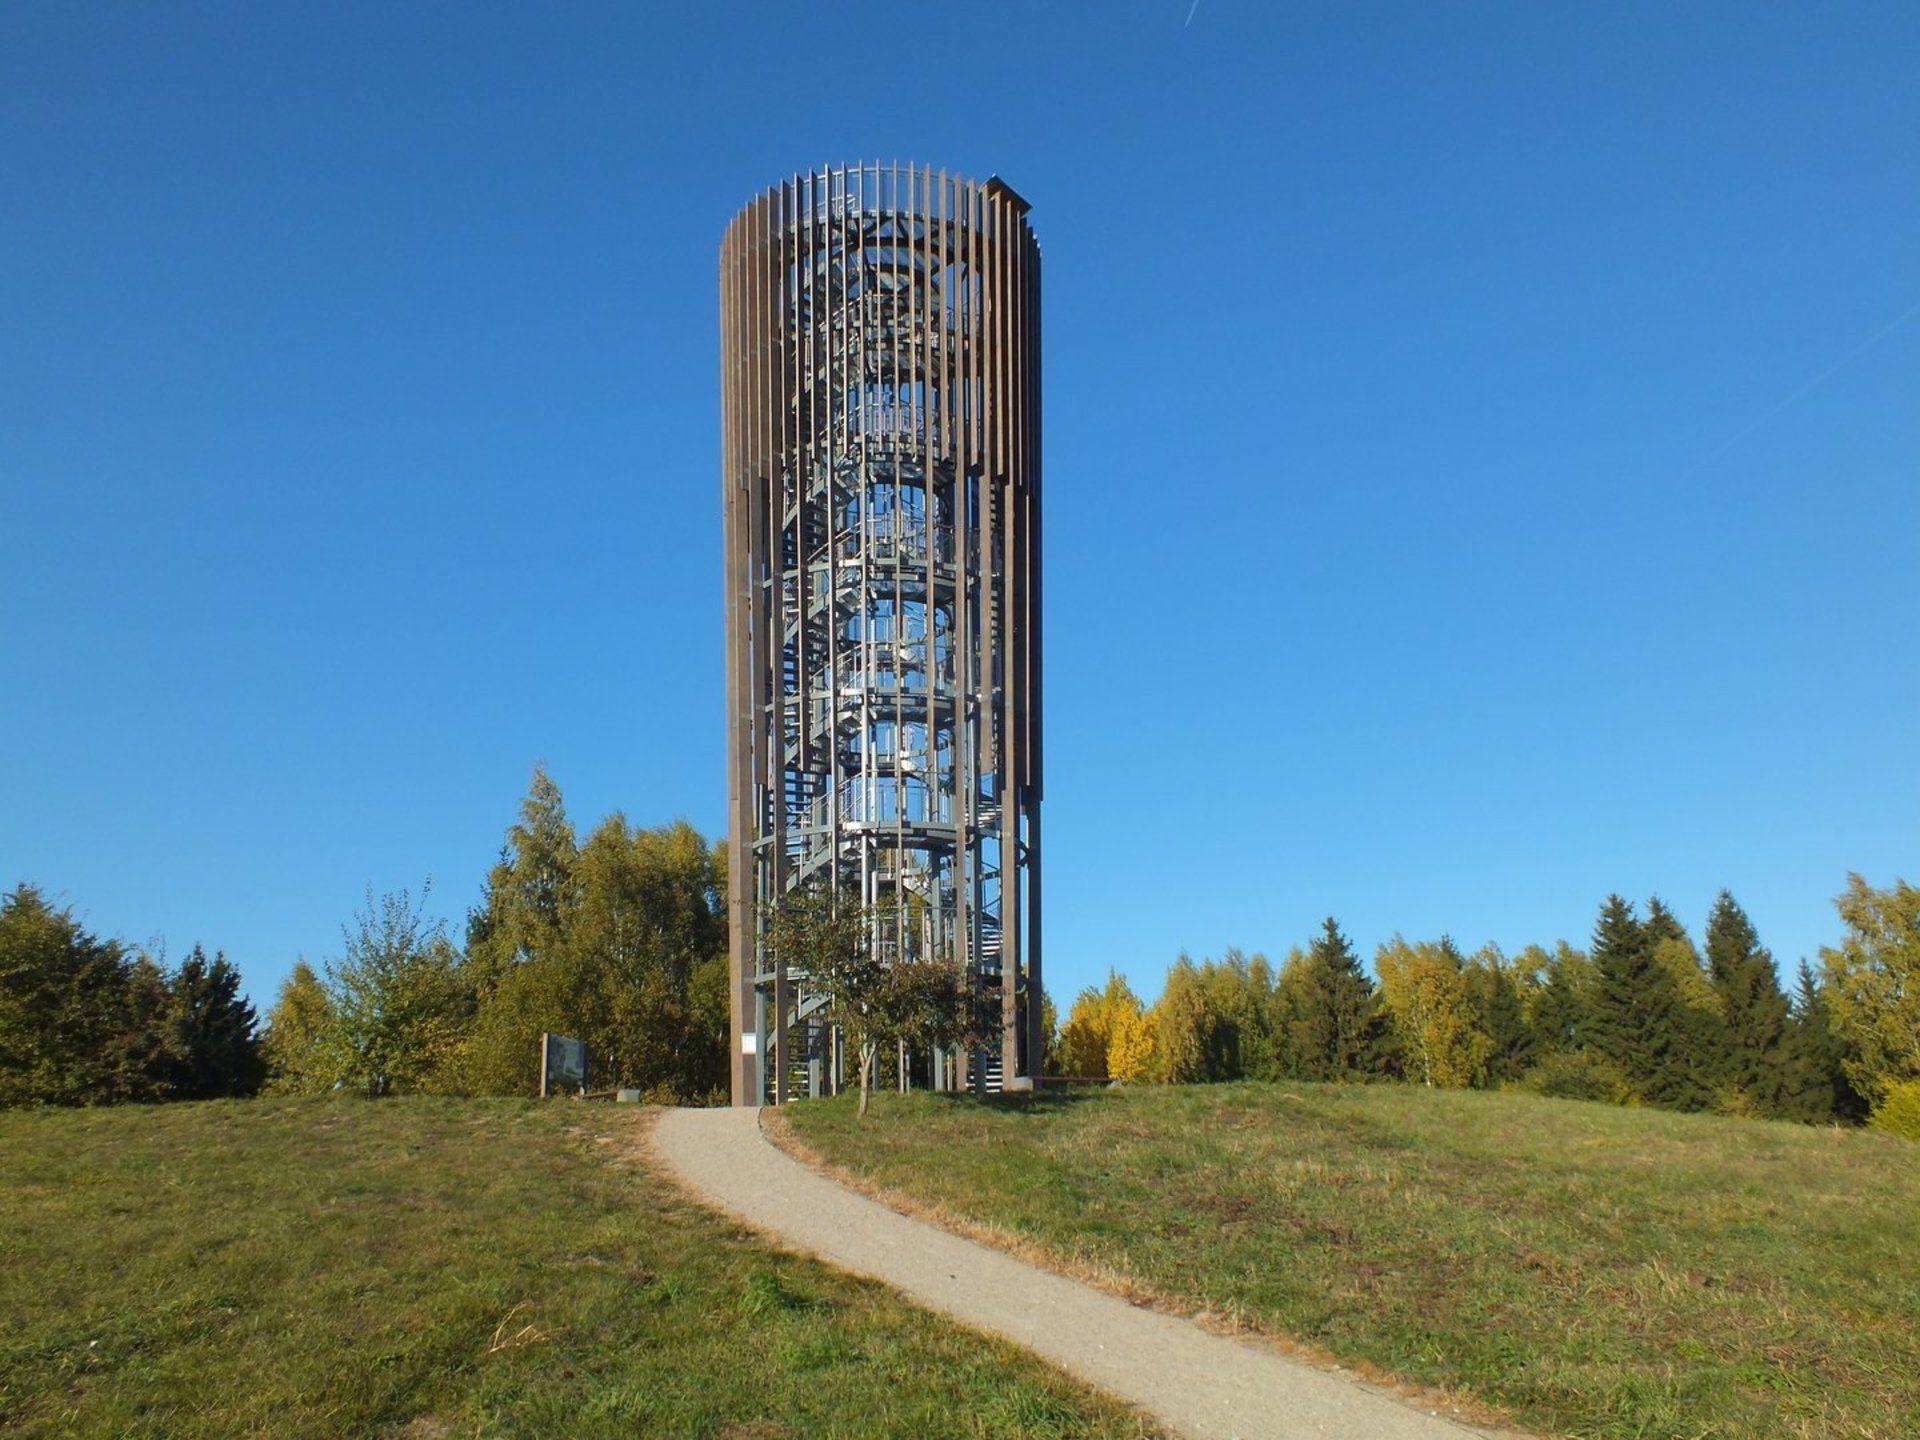 Šiaulės apžvalgos bokštas